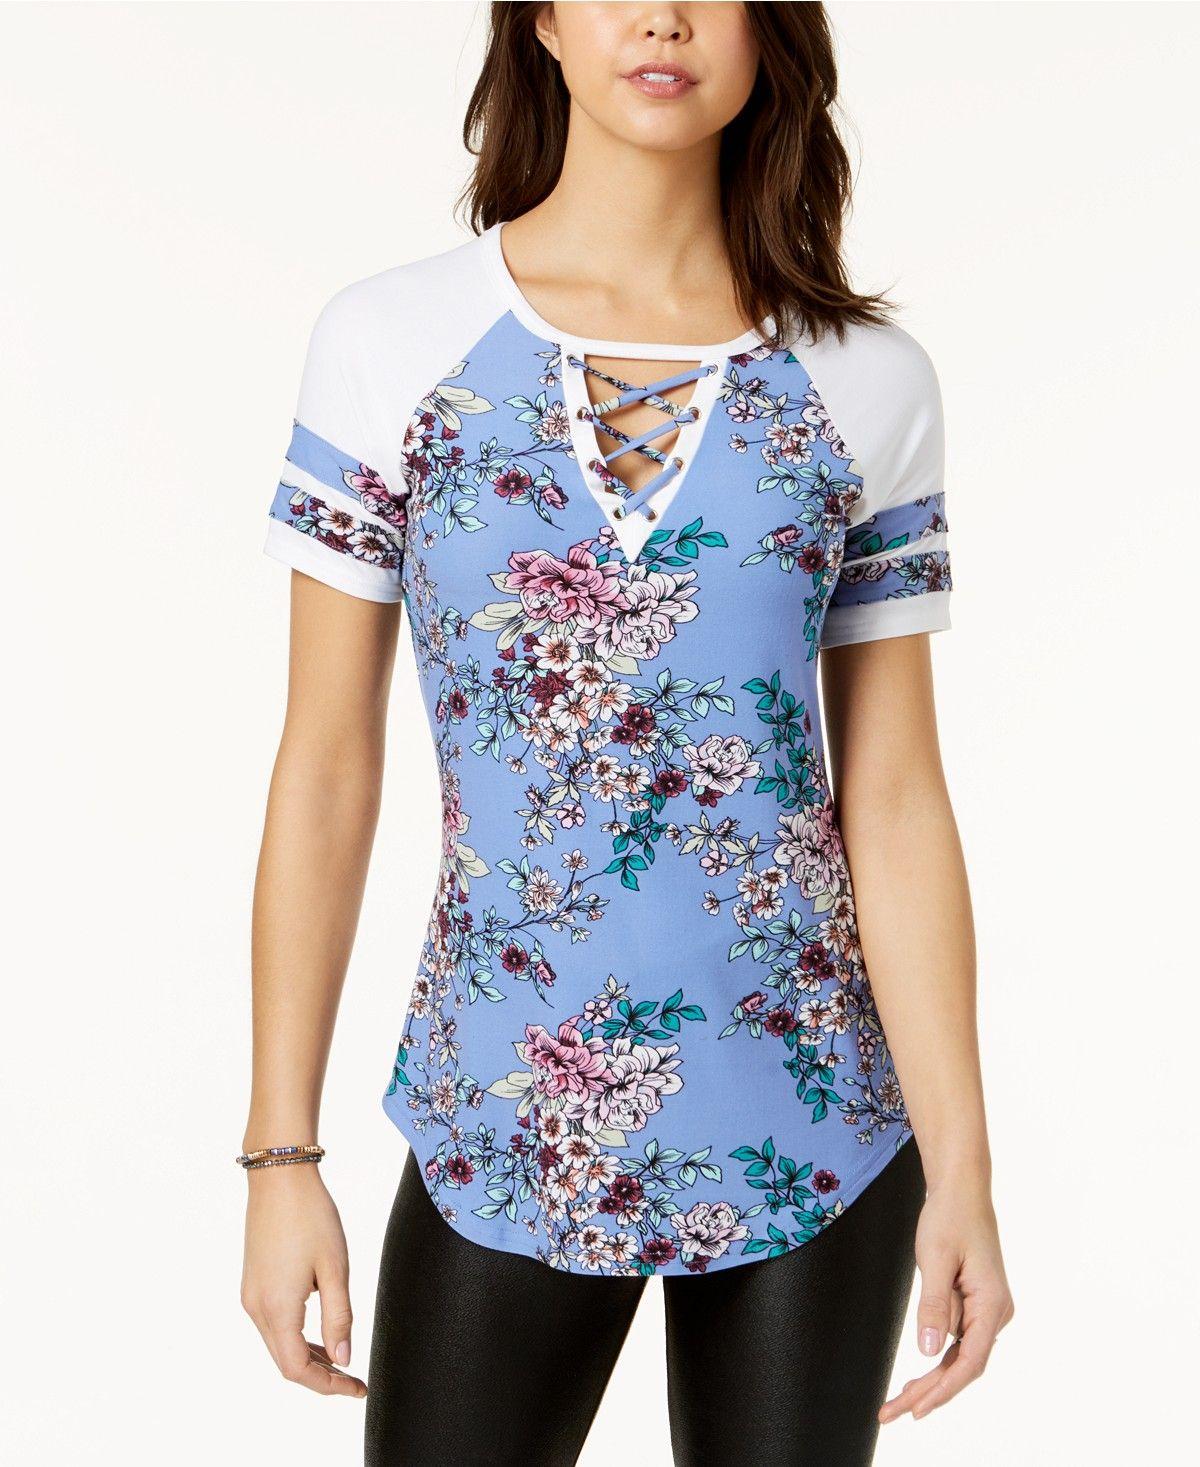 Macy's Juniors Shirts